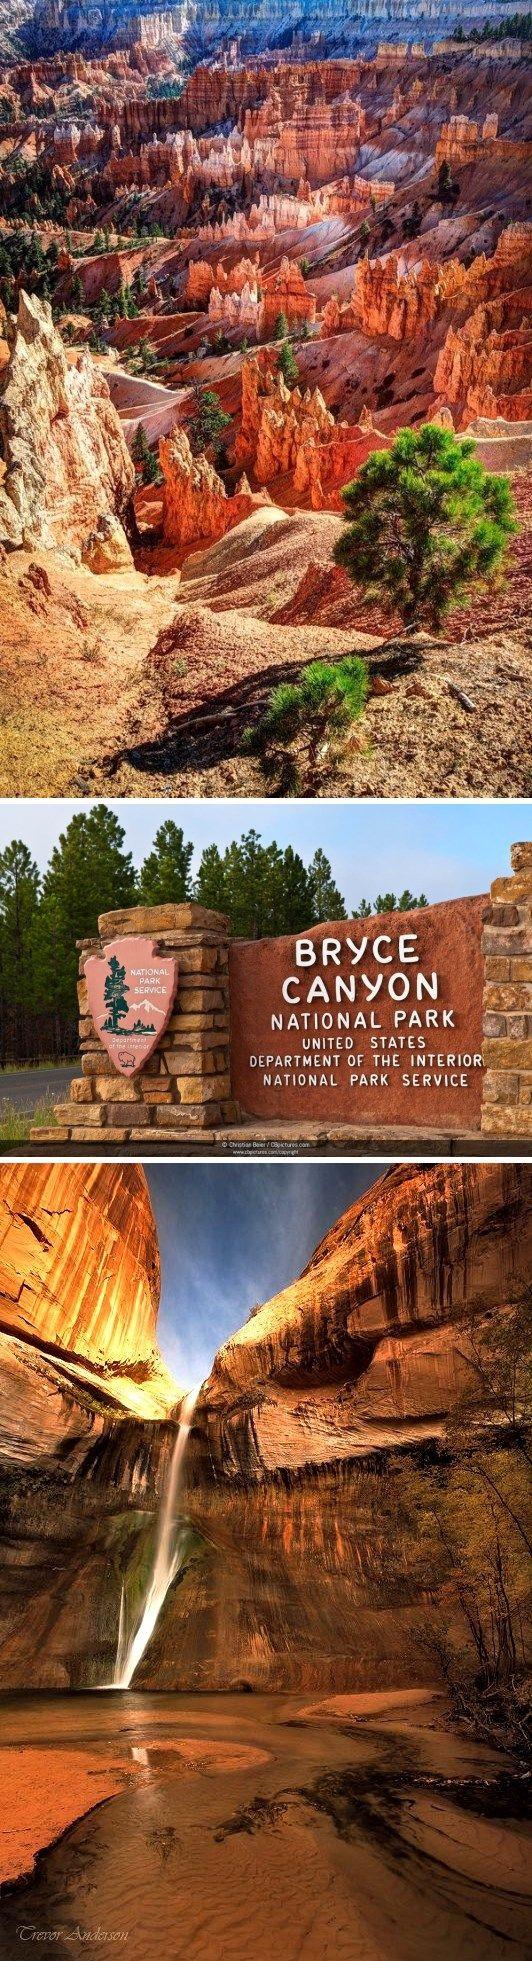 Если любишь красоту природы и её необычные творения – смело планируй посещение национального парка Брайс-Каньон. Он находится в американском штате Юта. Туристы любят бывать здесь на рассвете или на закате. Именно в это время суток цвет скал наиболее насыщенный и яркий.